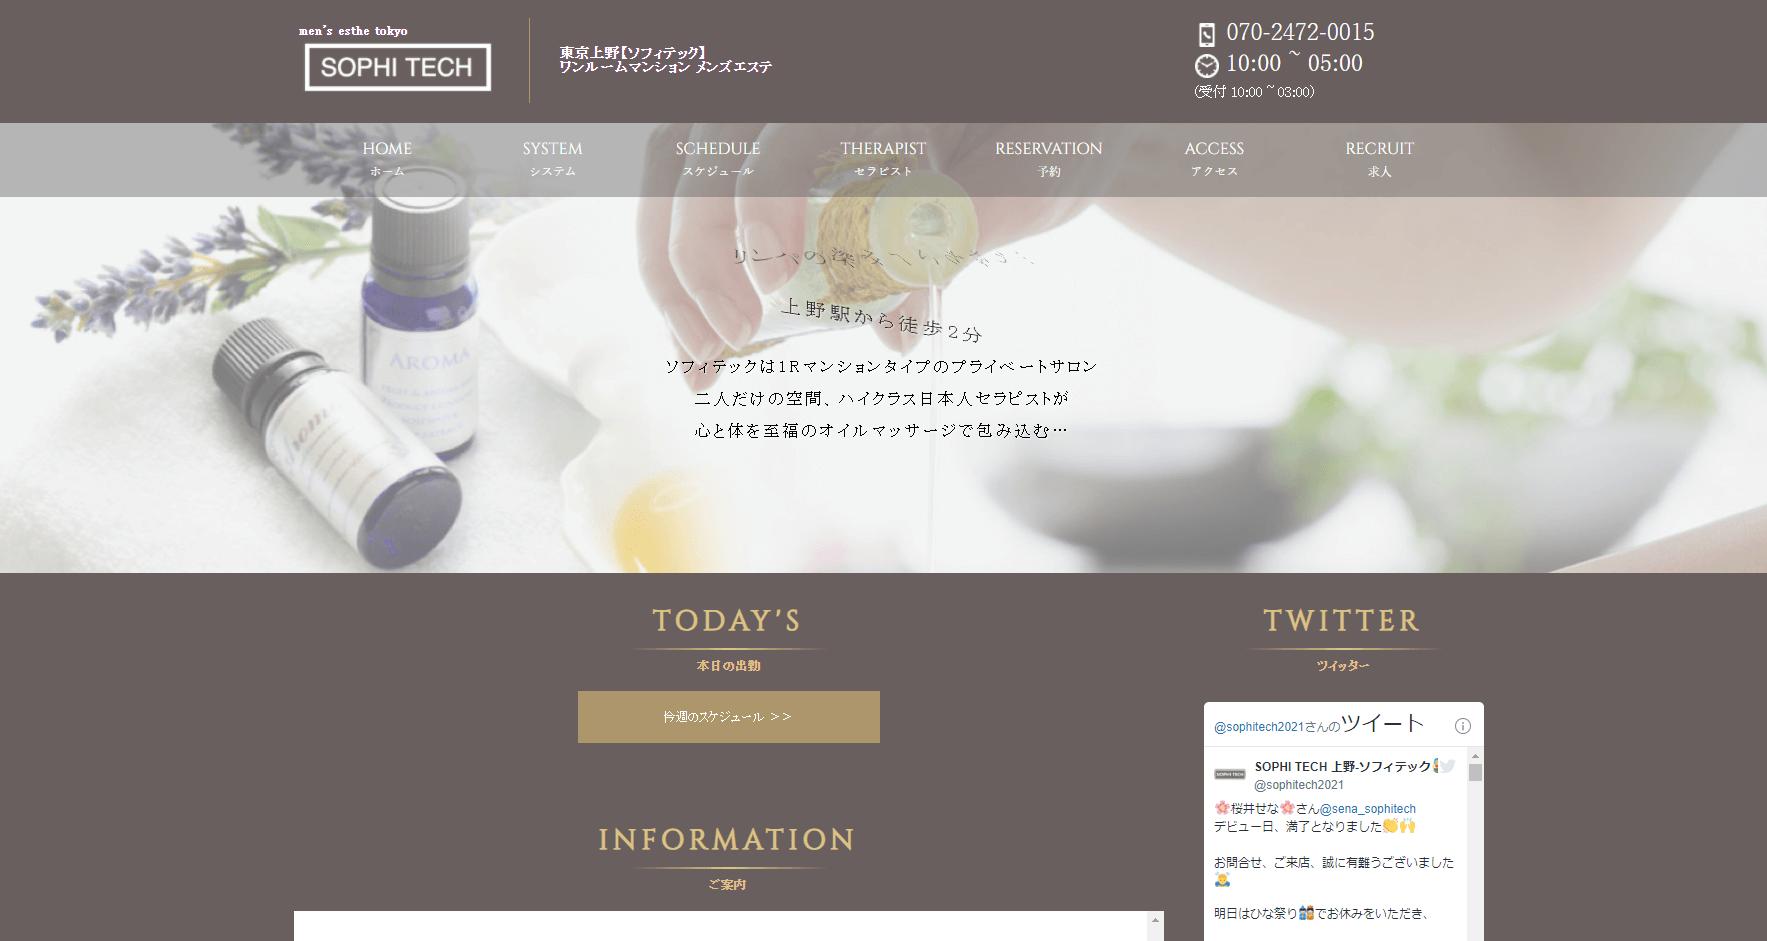 上野、御徒町のメンズエステ、Sophi Tech(ソフィテック)